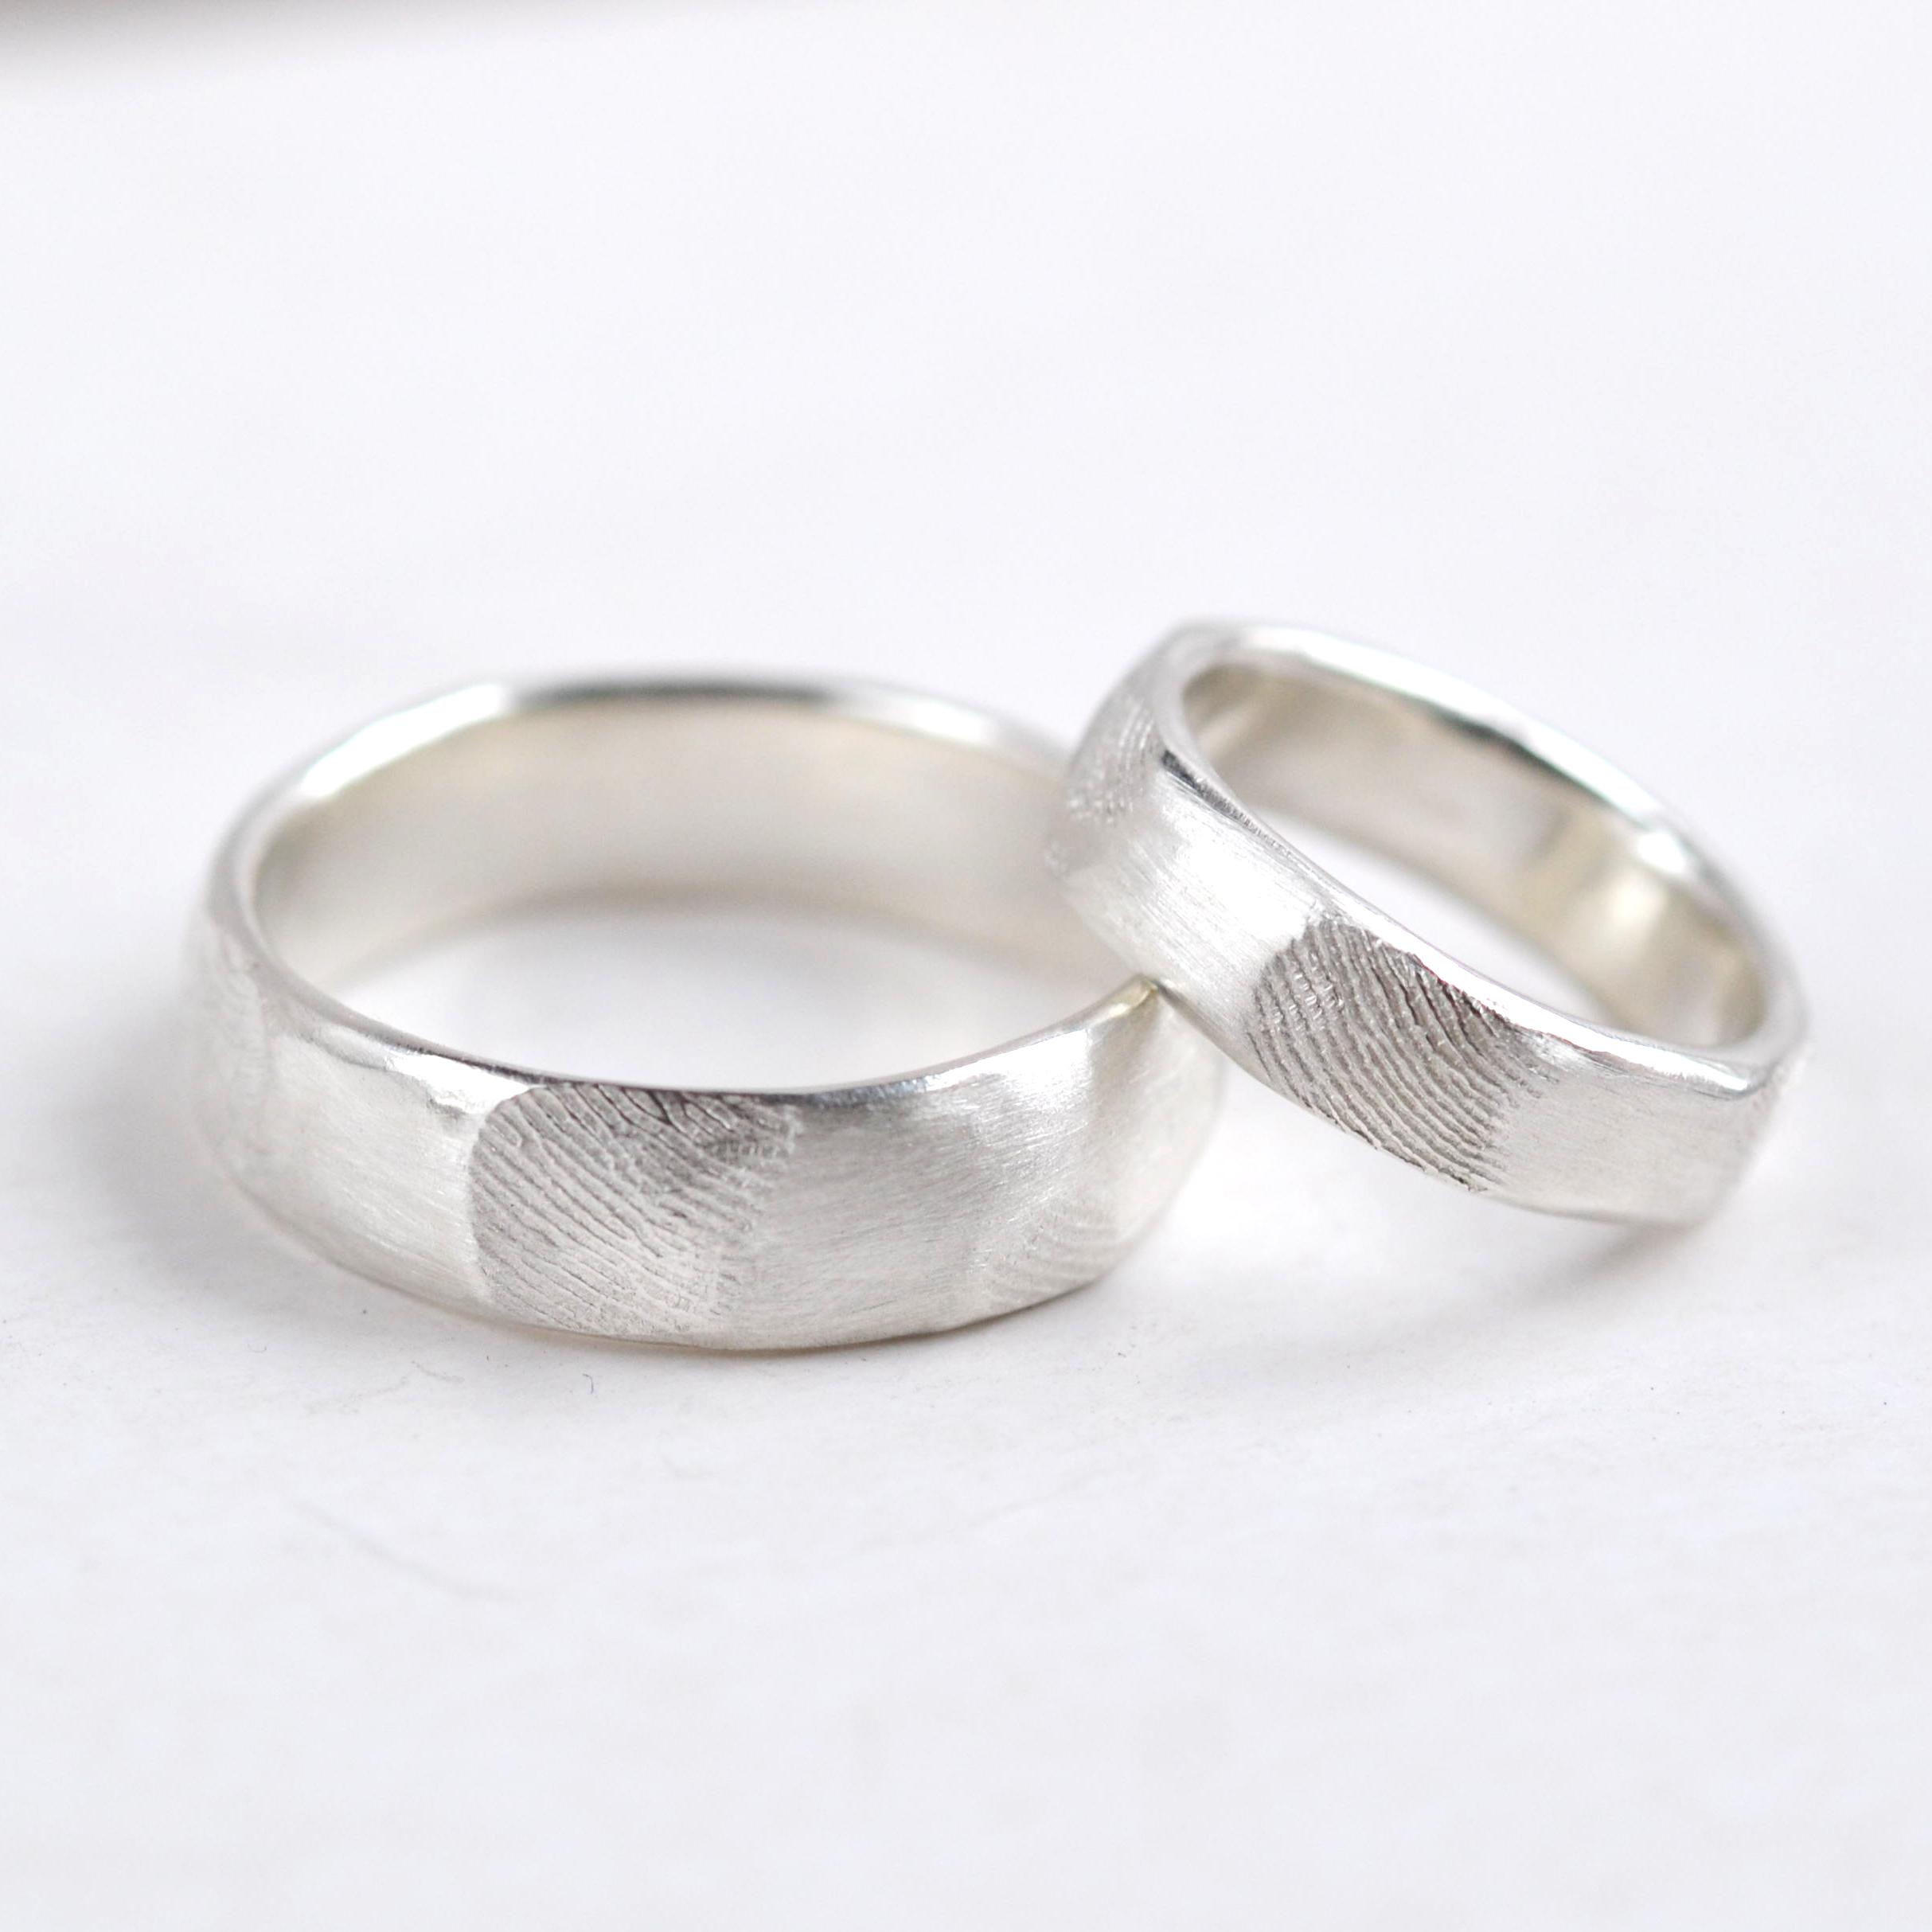 vingerafdruk trouwringen zilver set 2.jpg